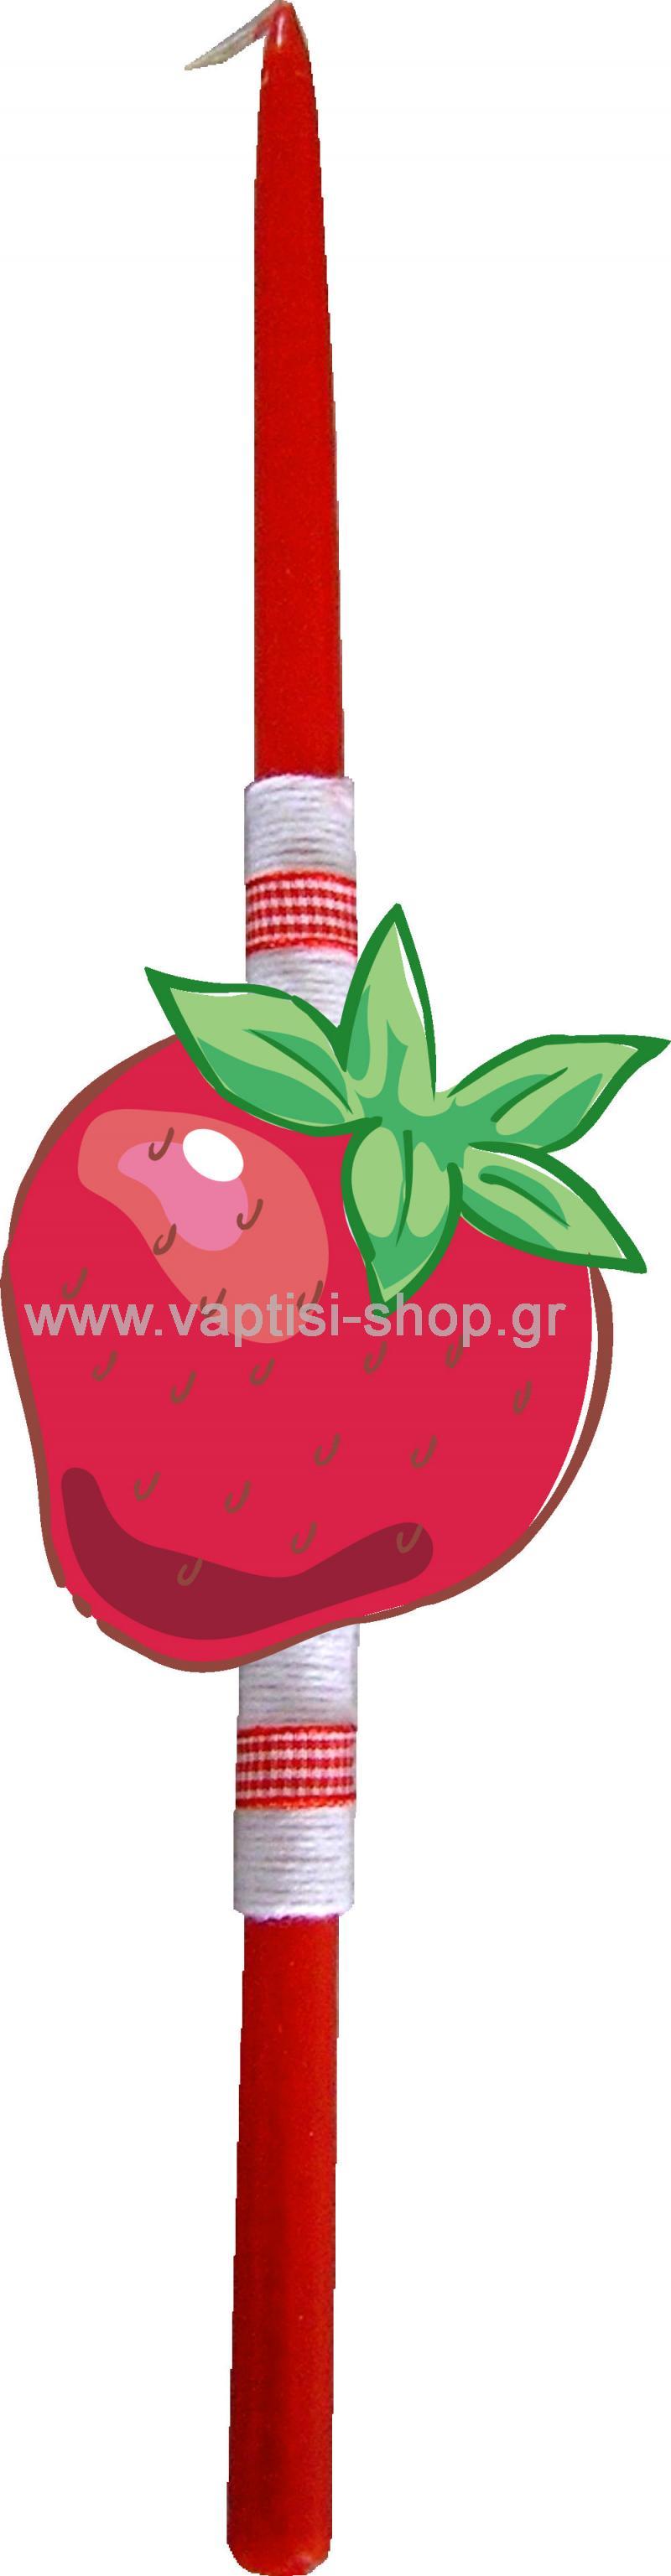 Πασχαλινή Λαμπάδα Φράουλα